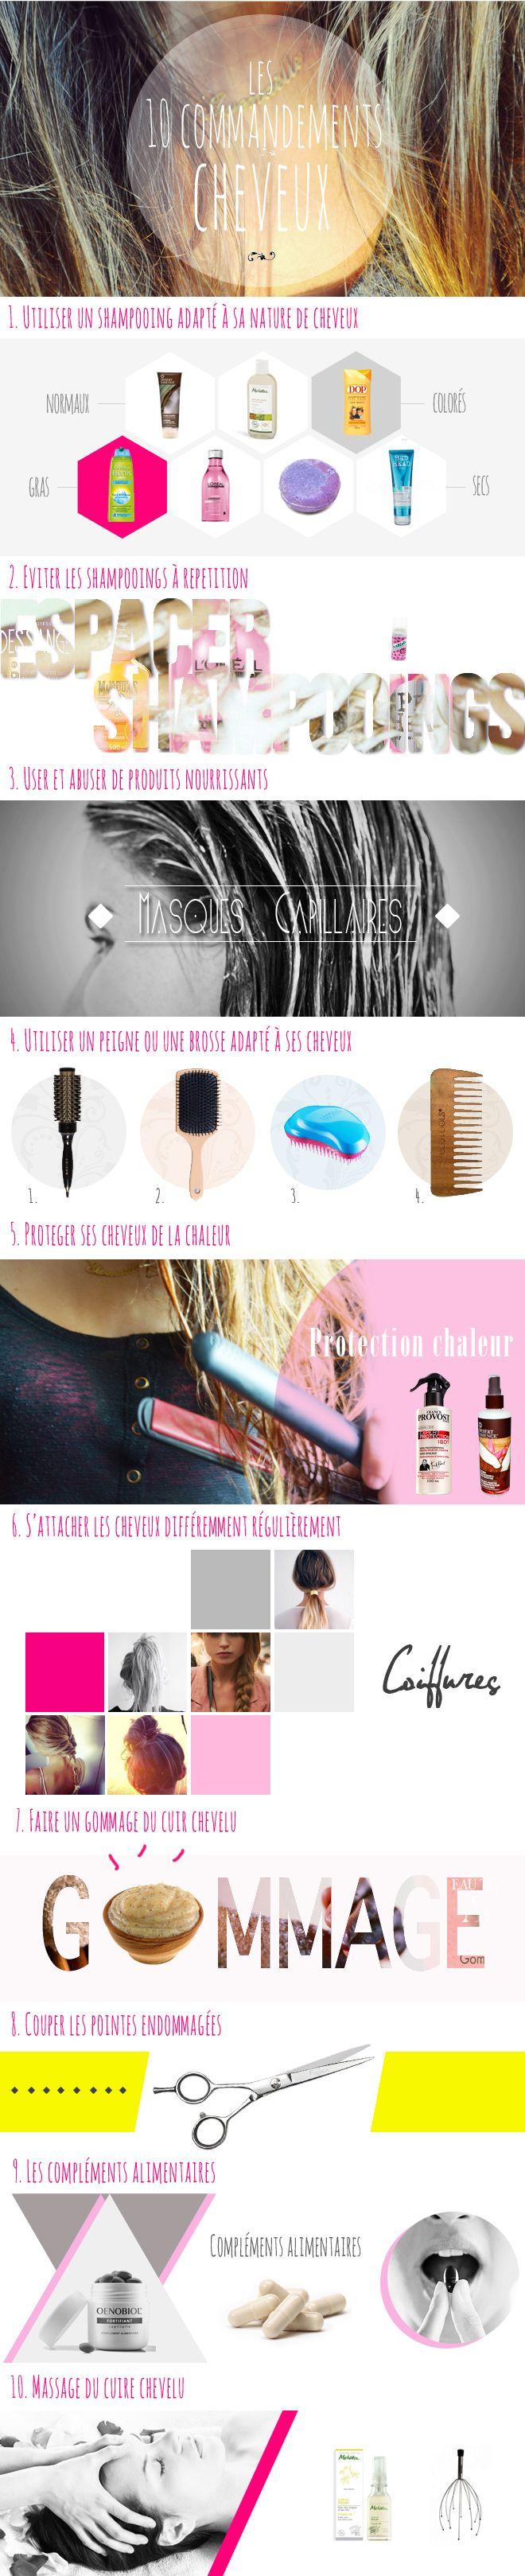 Les 10 commandements des cheveux ↓  http://myprettylittlereviews.fr/10-commandements-cheveux/